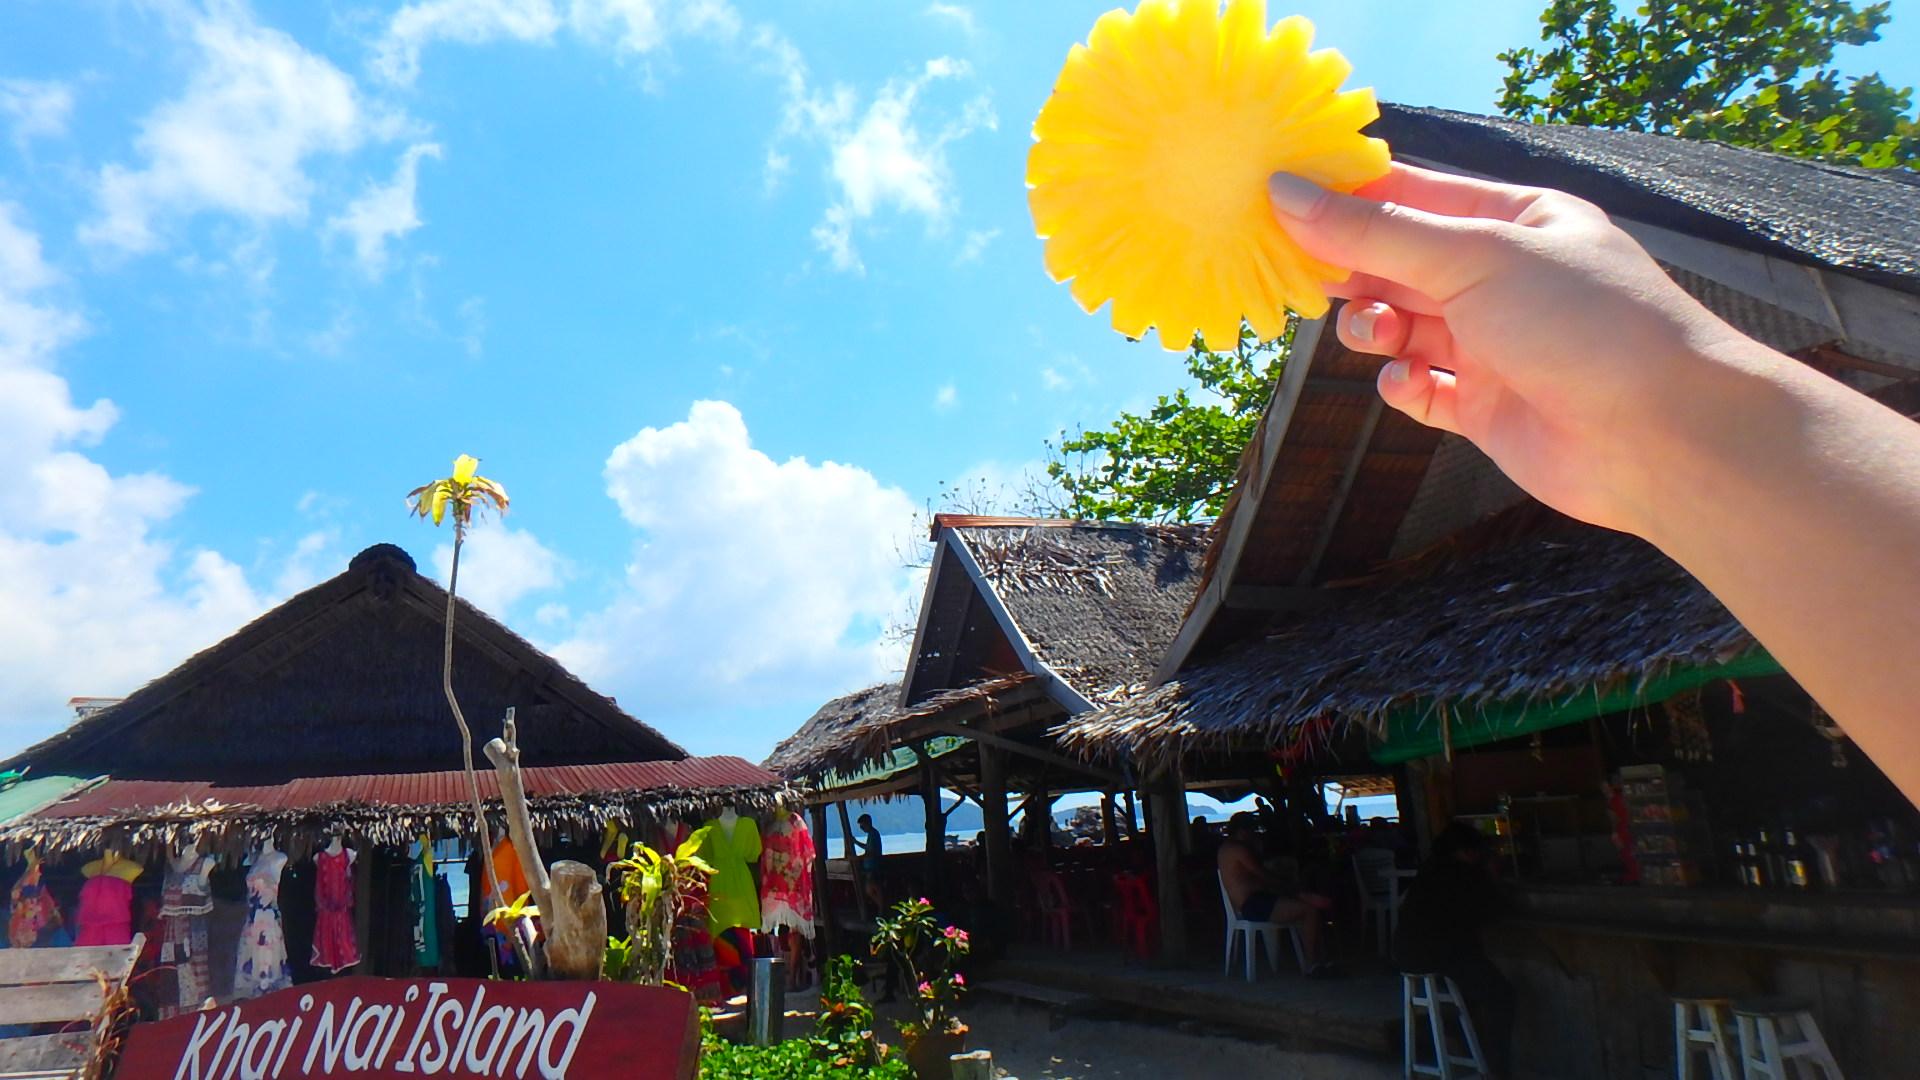 タイプーケットの無人島カイナイ島Khai Nai Island